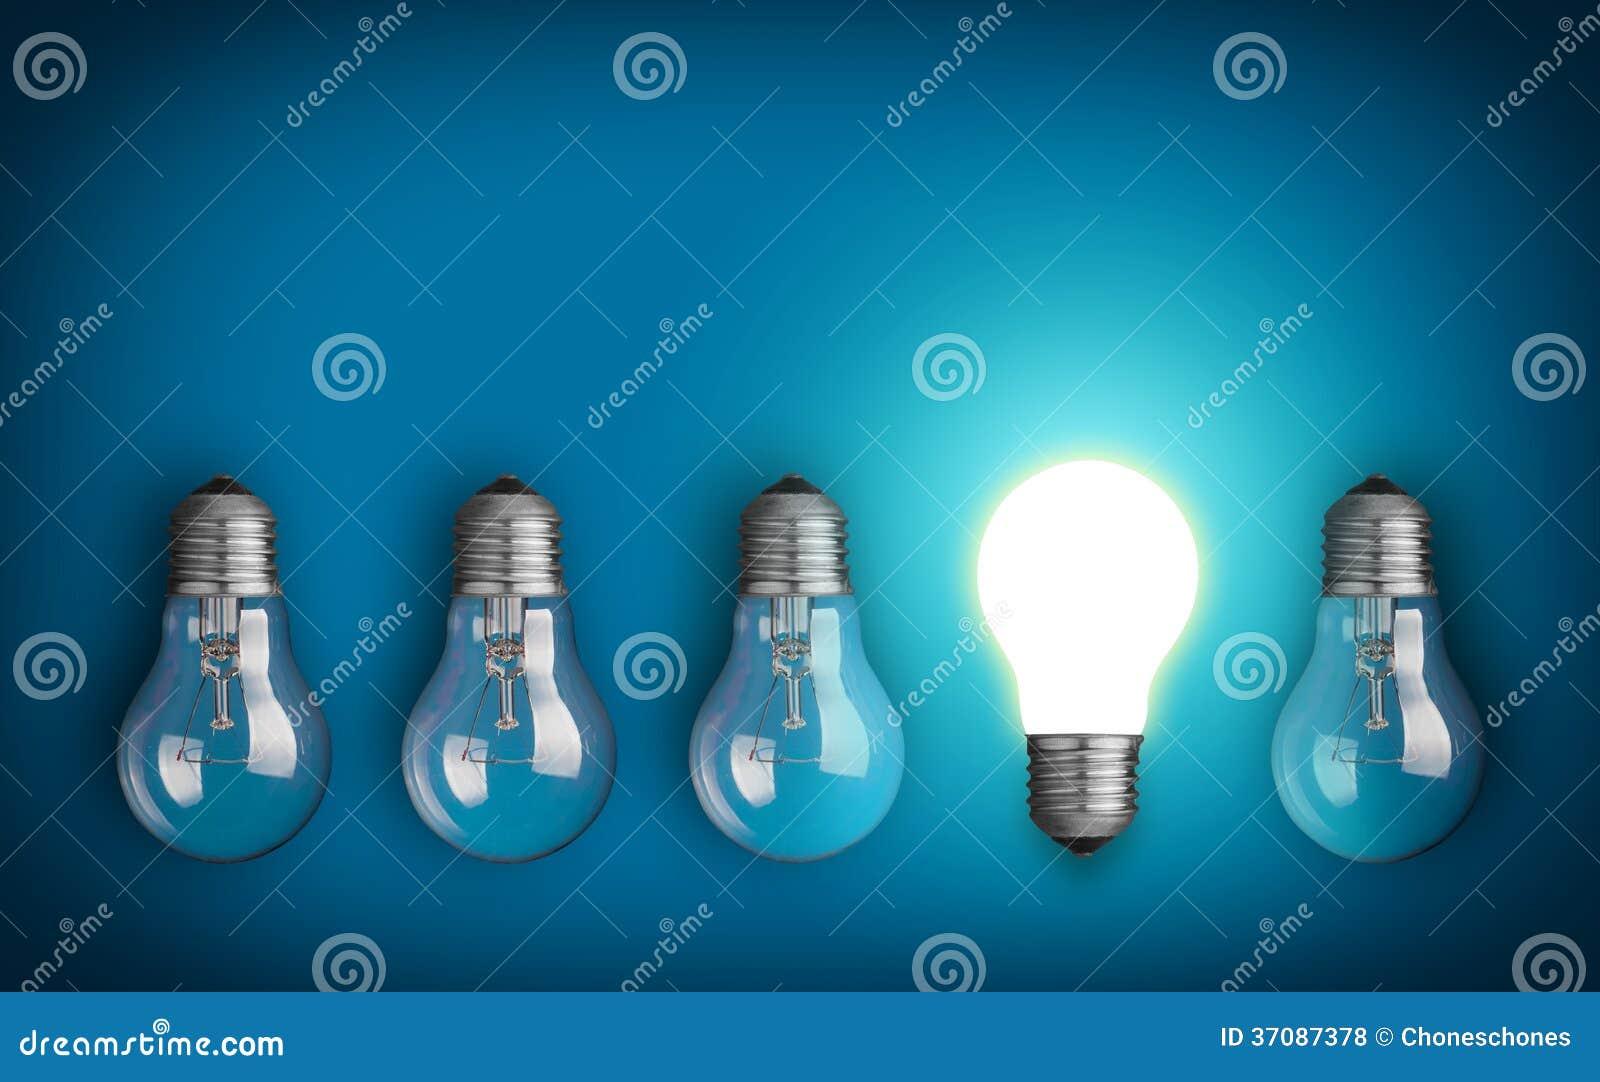 Ideenkonzept